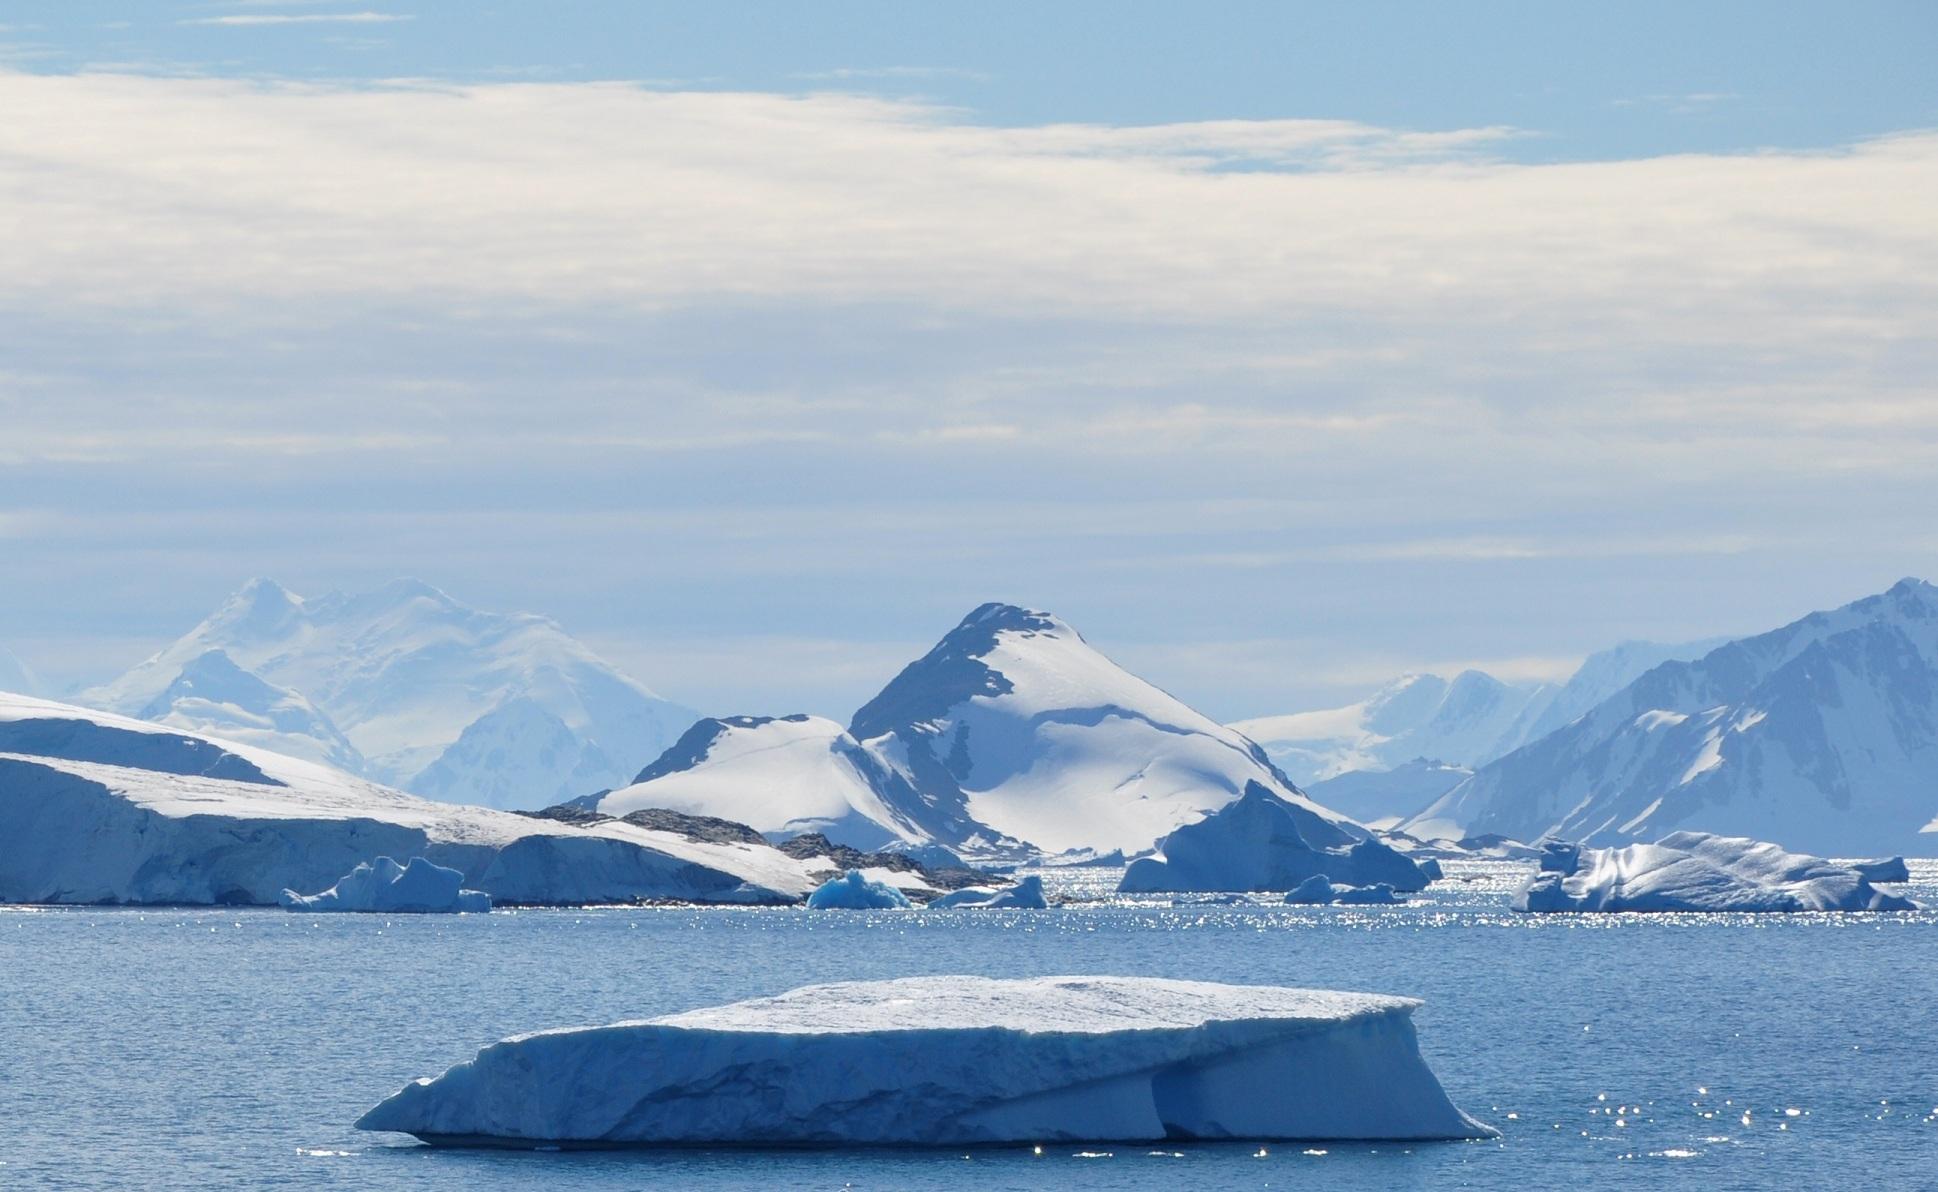 El calor del verano ha empequeñecido el agujero de la capa de ozono en la Antártida